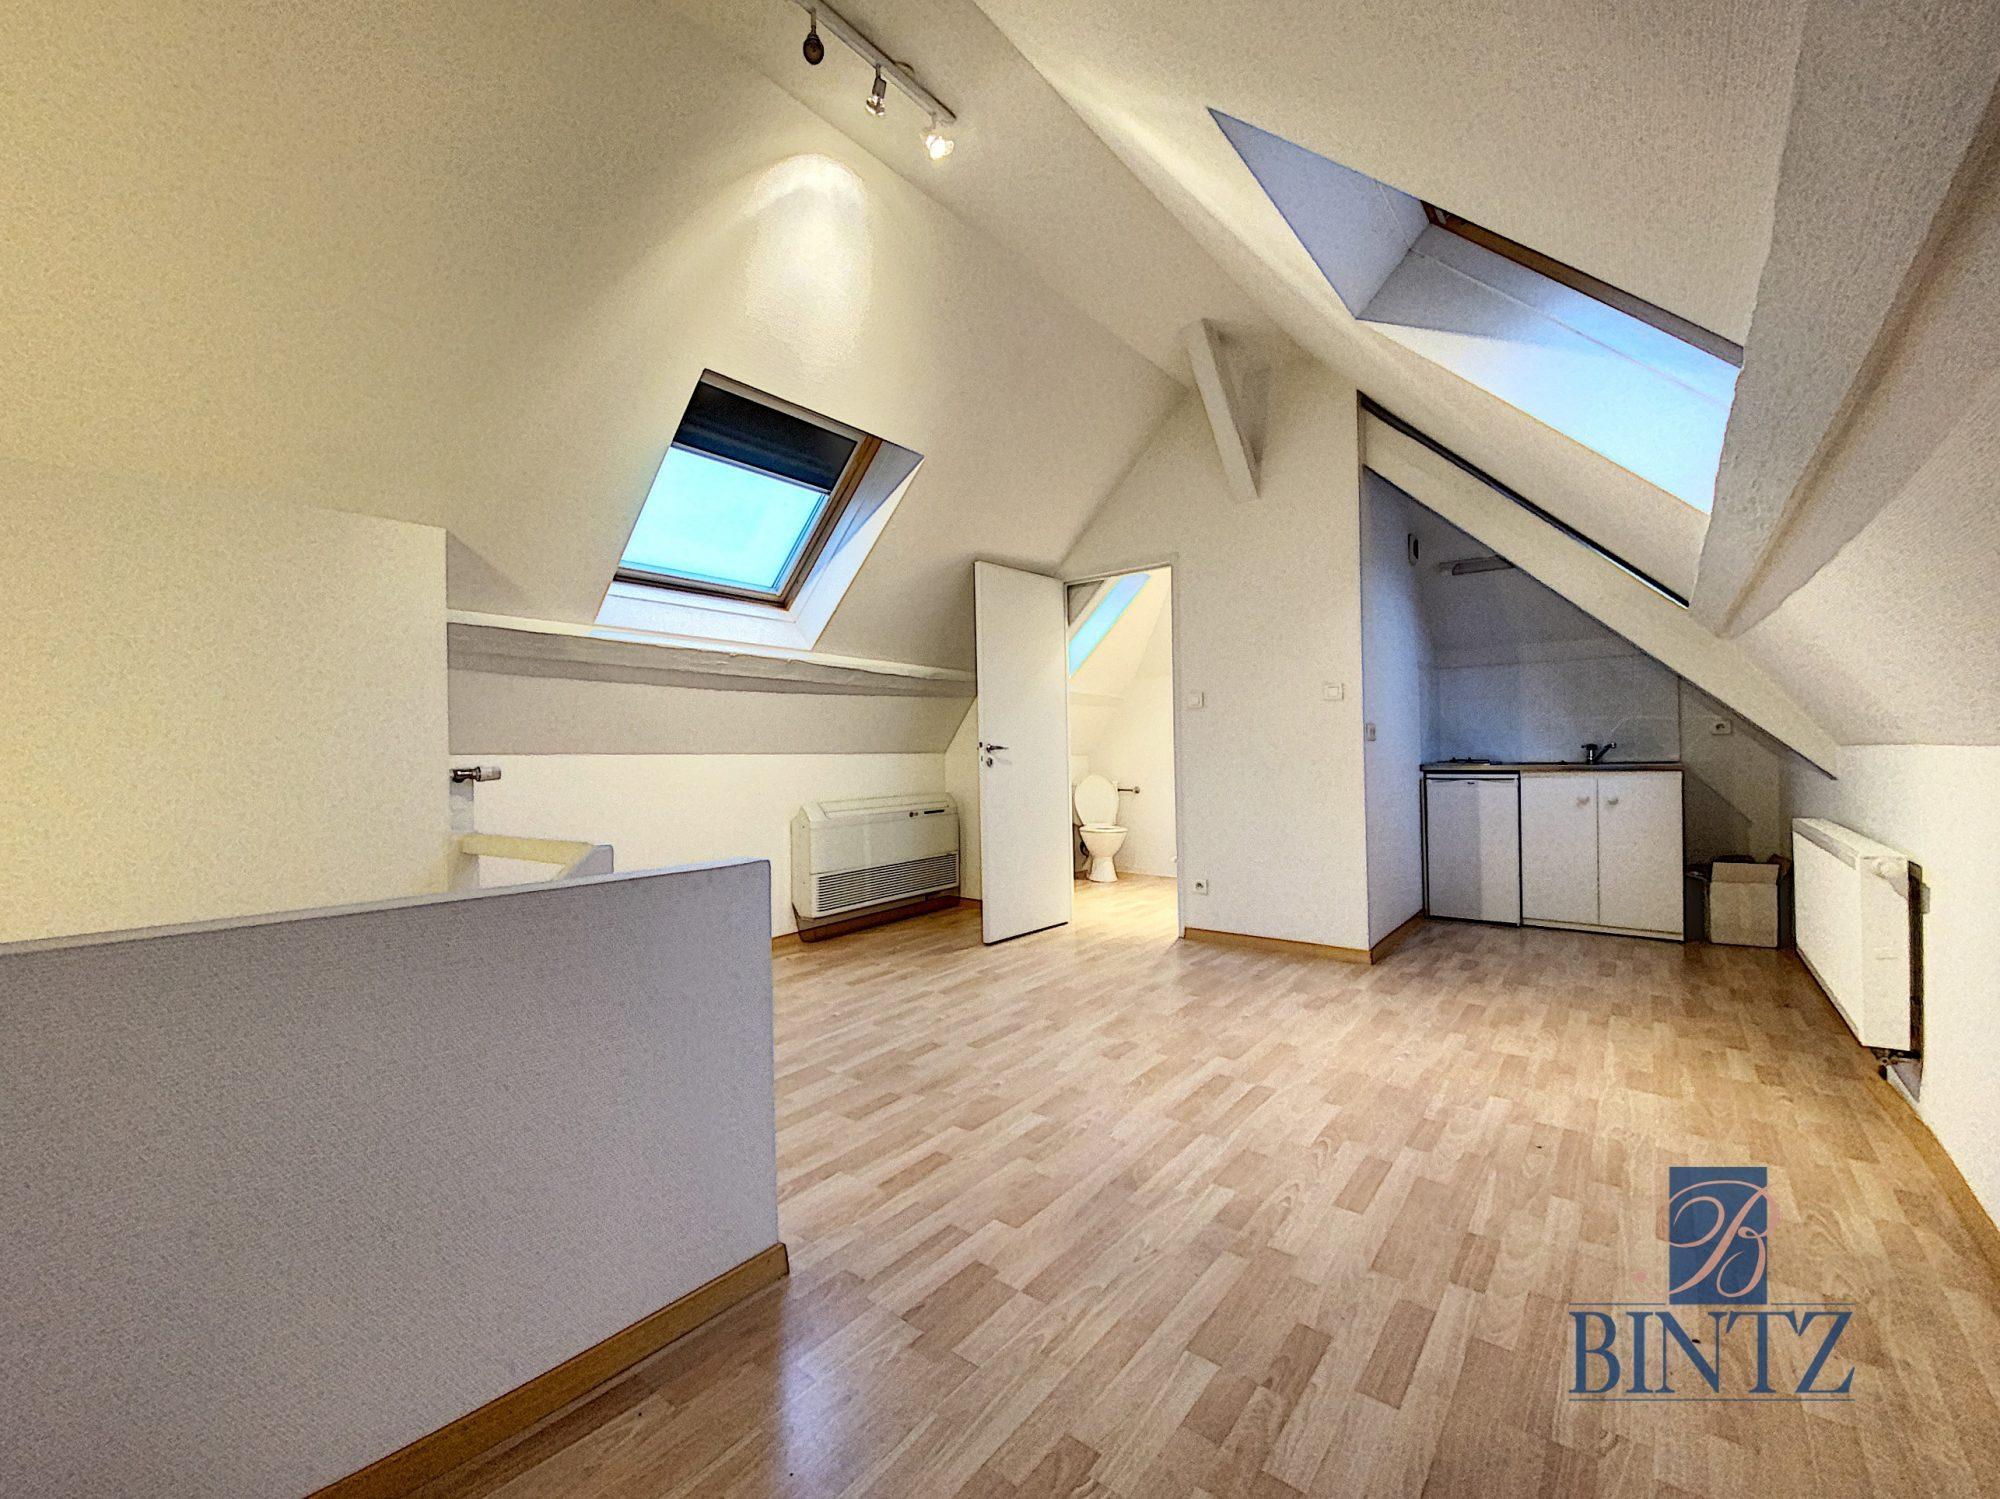 Immeuble de bureaux à louer - Devenez locataire en toute sérénité - Bintz Immobilier - 19